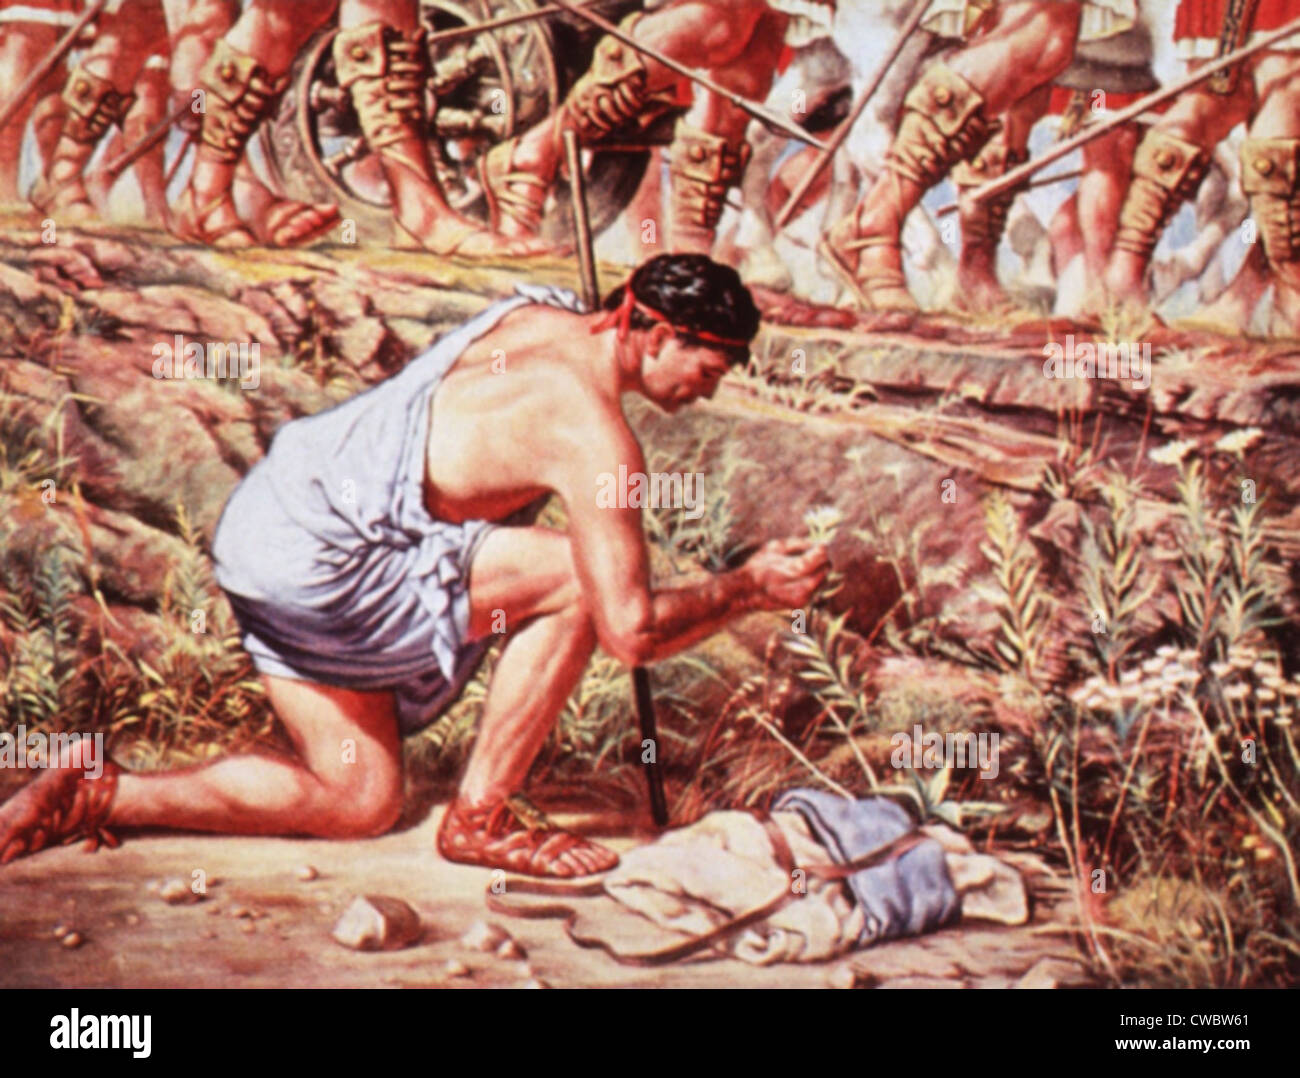 Pedanius Dioscoride (40-90 AD), botanico greco e farmacologo, lo studio delle piante mentre accompagna eserciti Immagini Stock